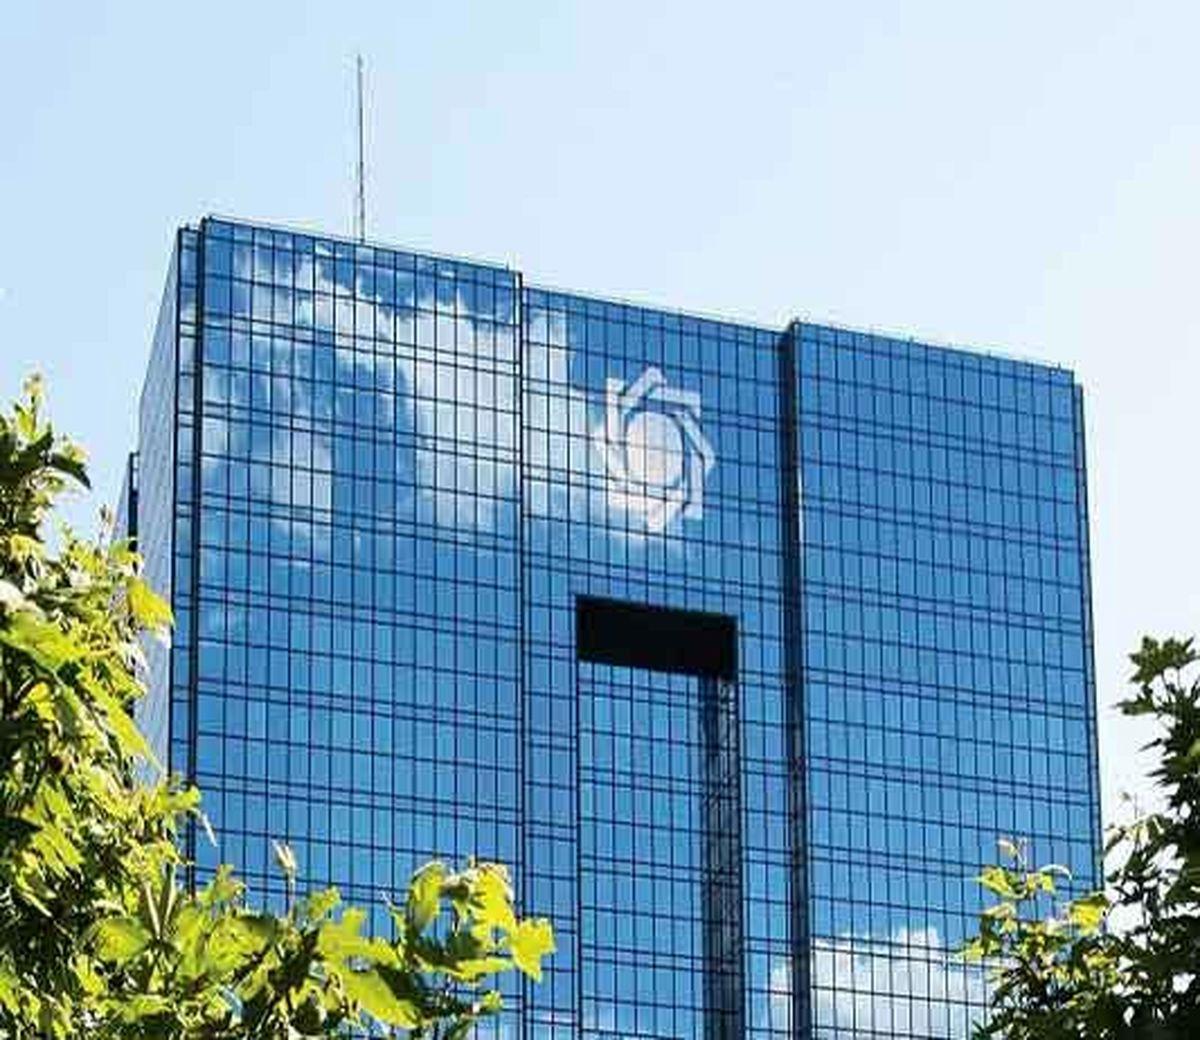 پیشنهاد بانک مرکزی برای کاهش نسبت مالکانه به ۱۵درصد